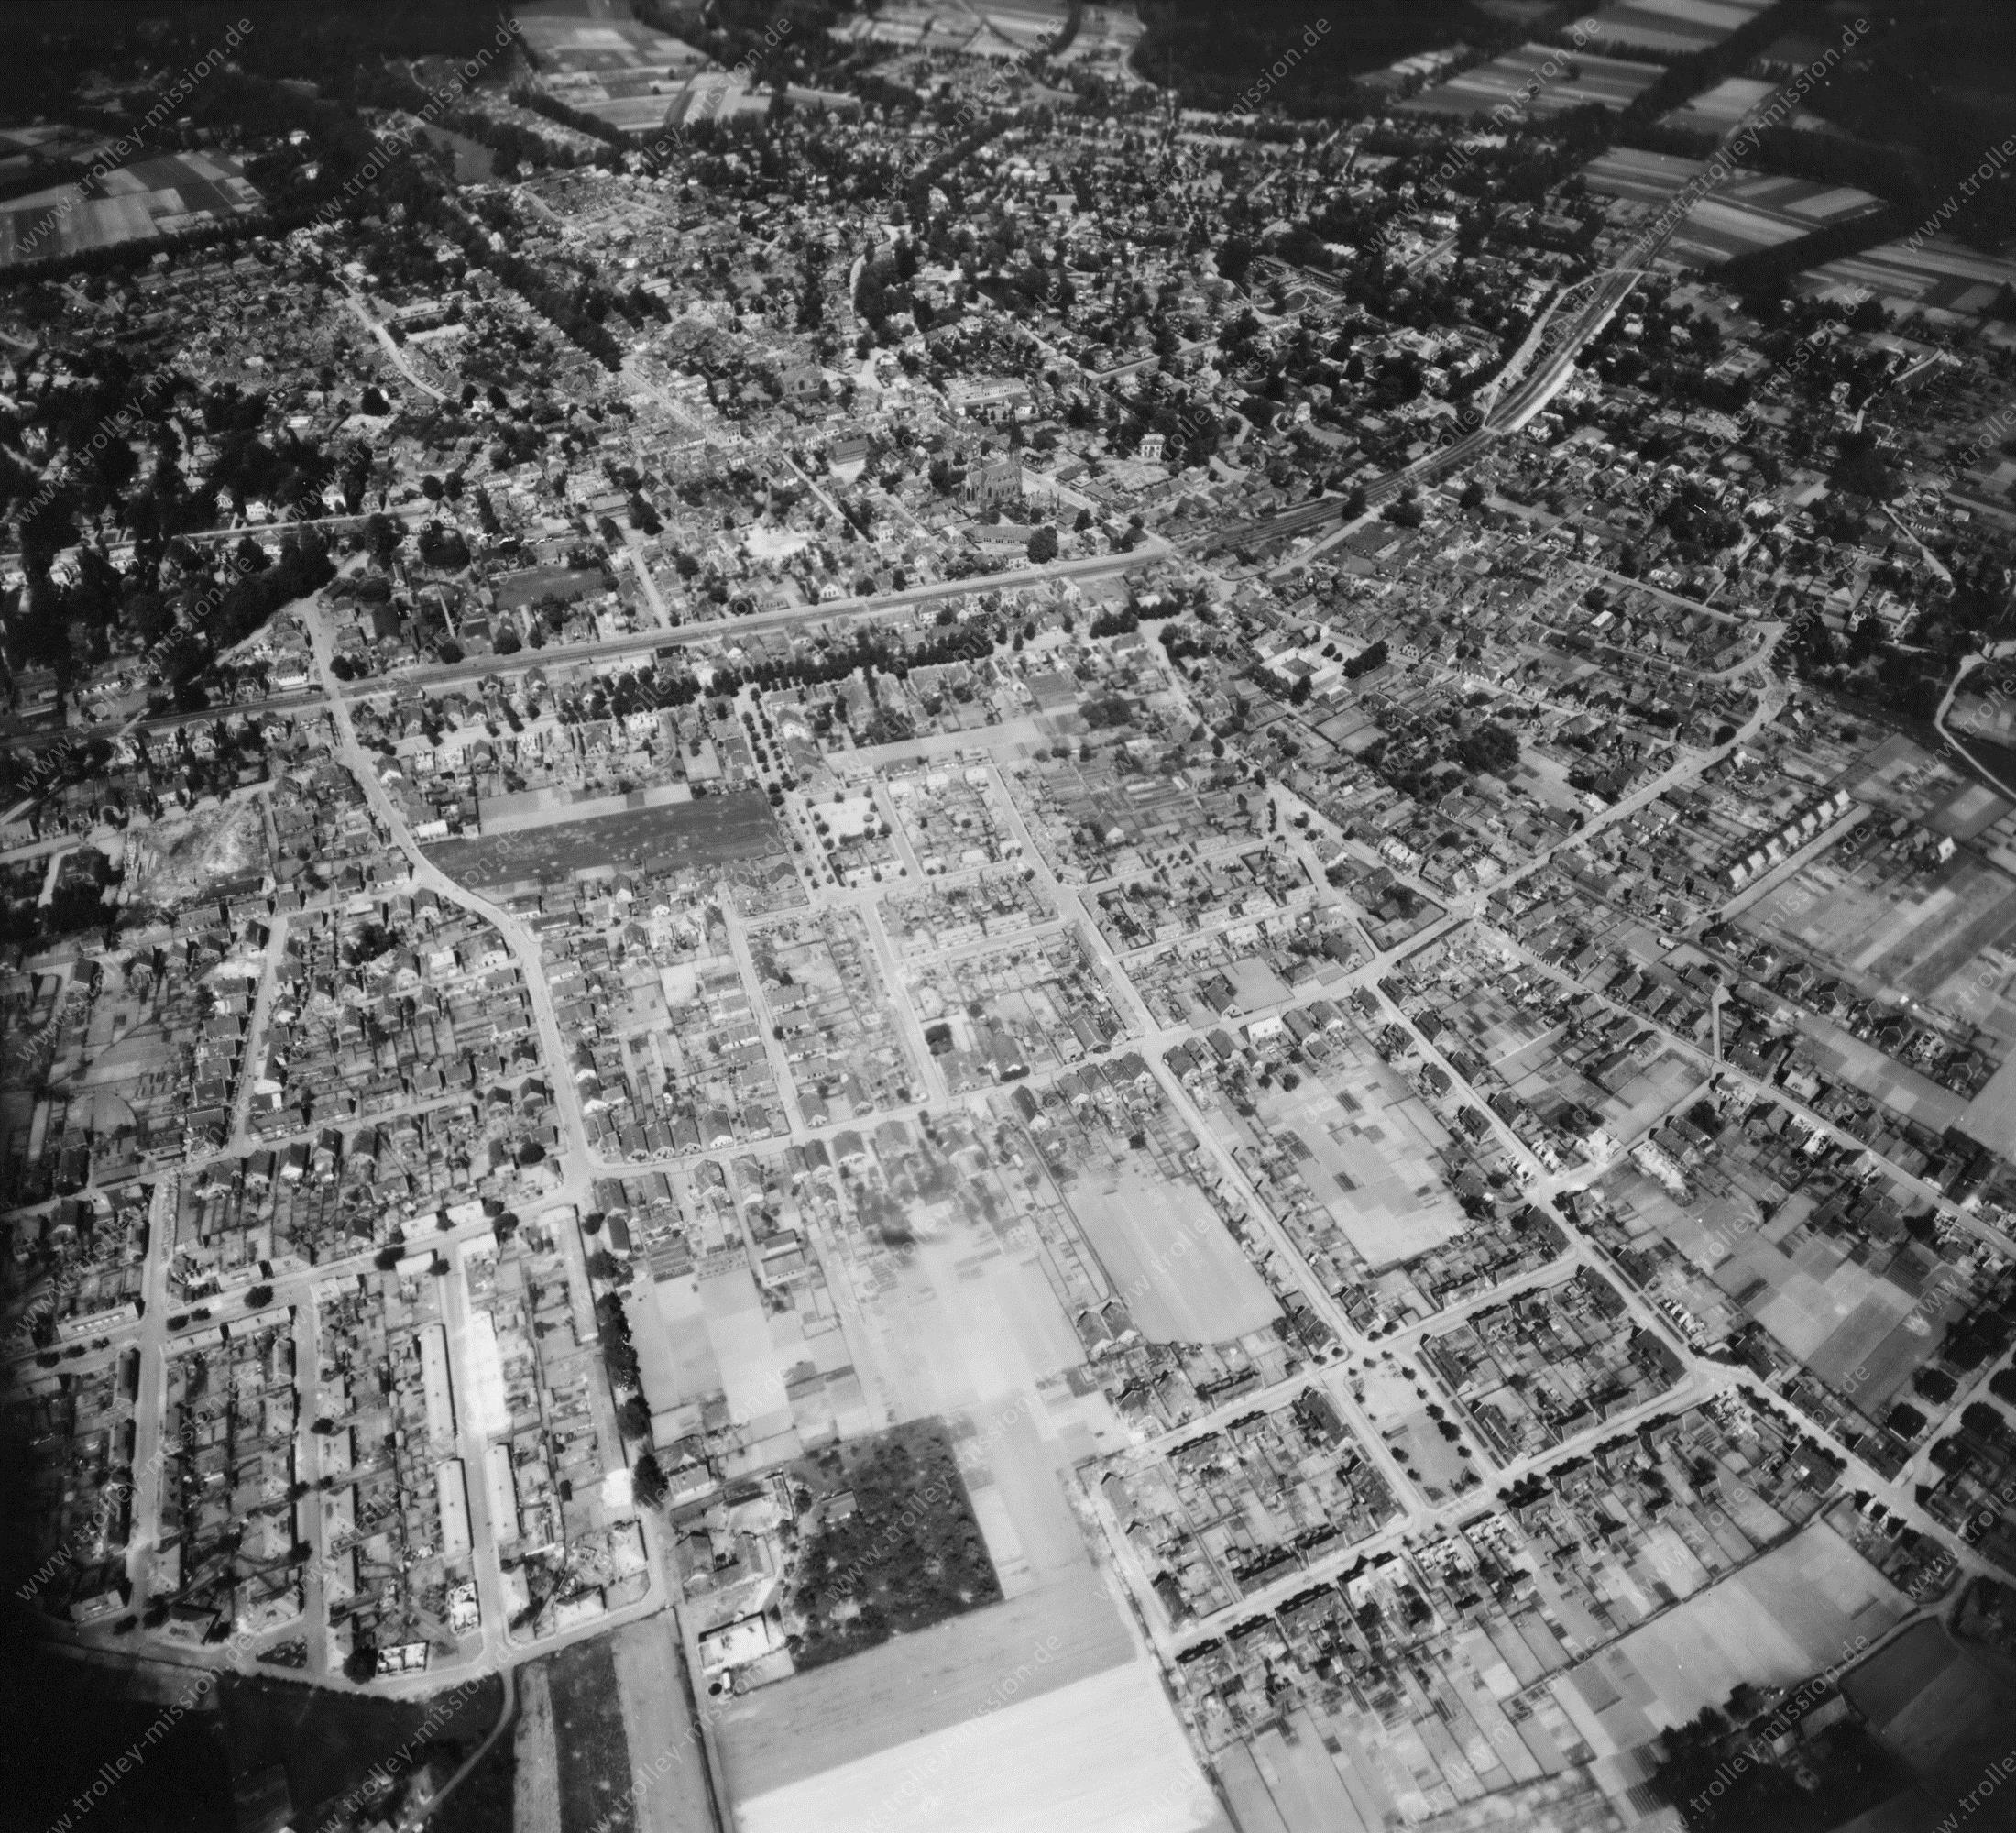 Velp (Gelderland) in de Tweede Wereldoorlog - Luchtopname 2/5 op 12 mei 1945